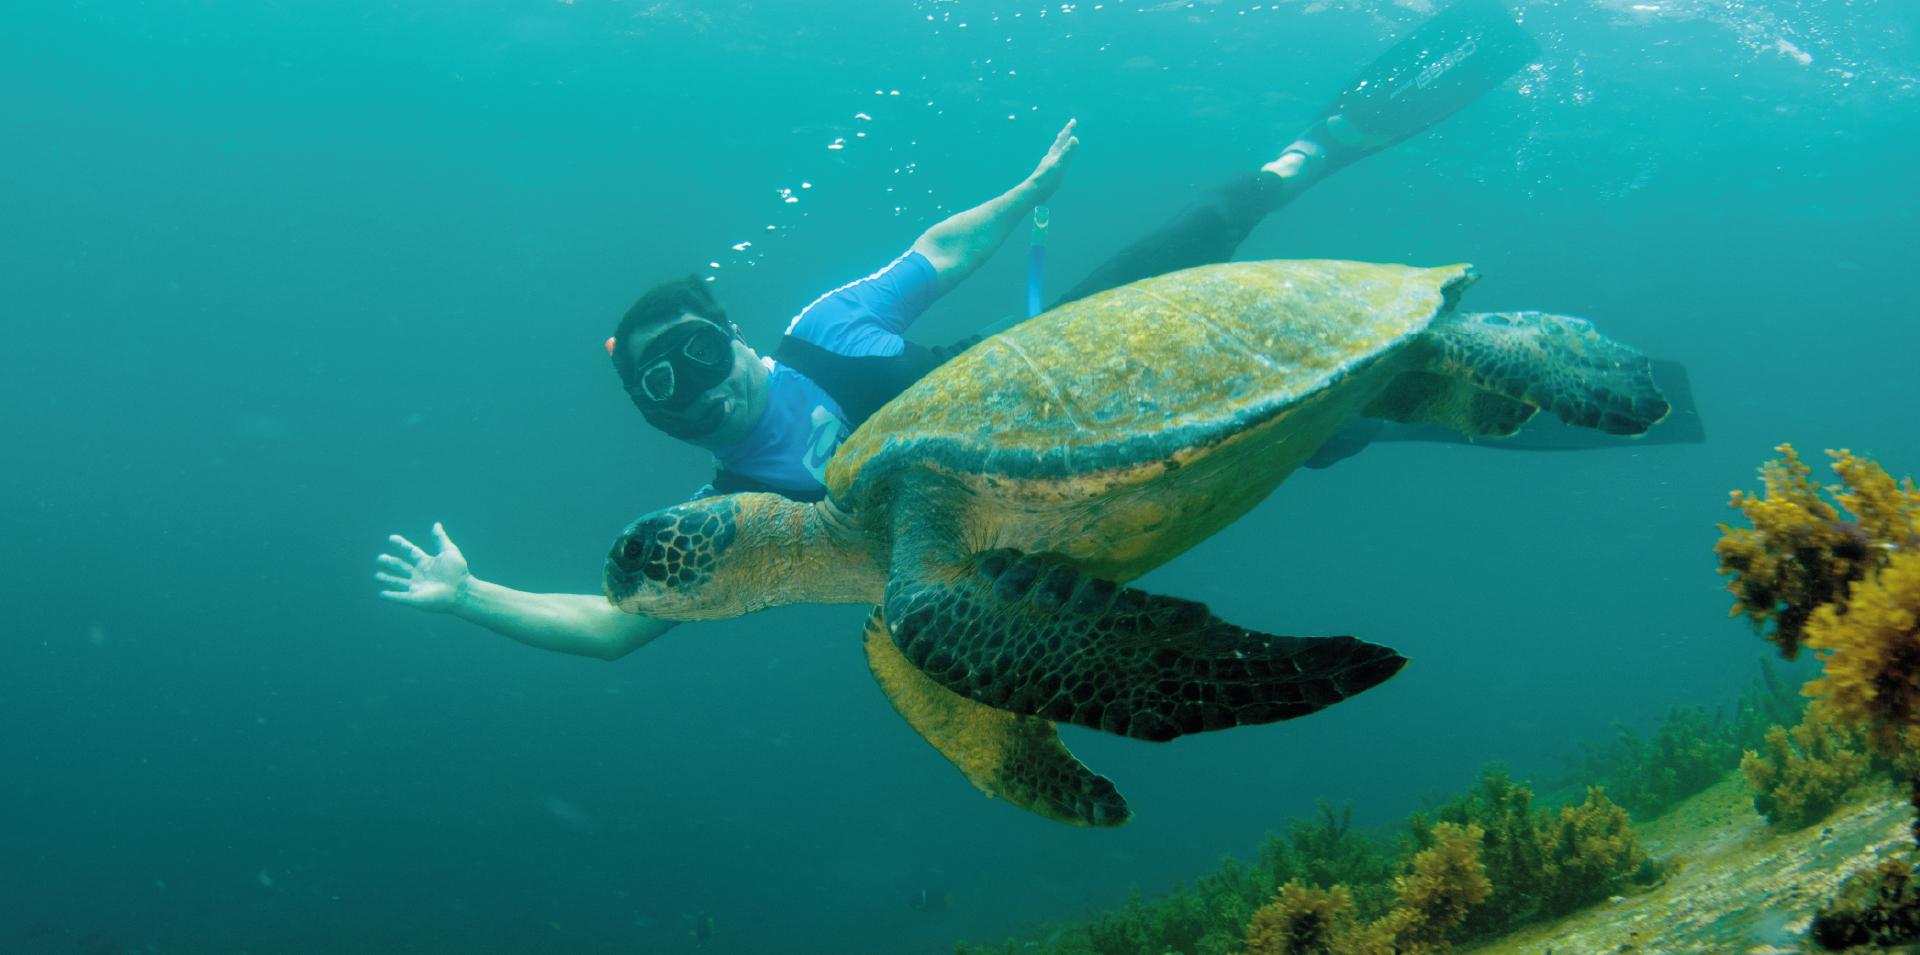 Practicando snorkeling con una tortuga marina de Galápagos